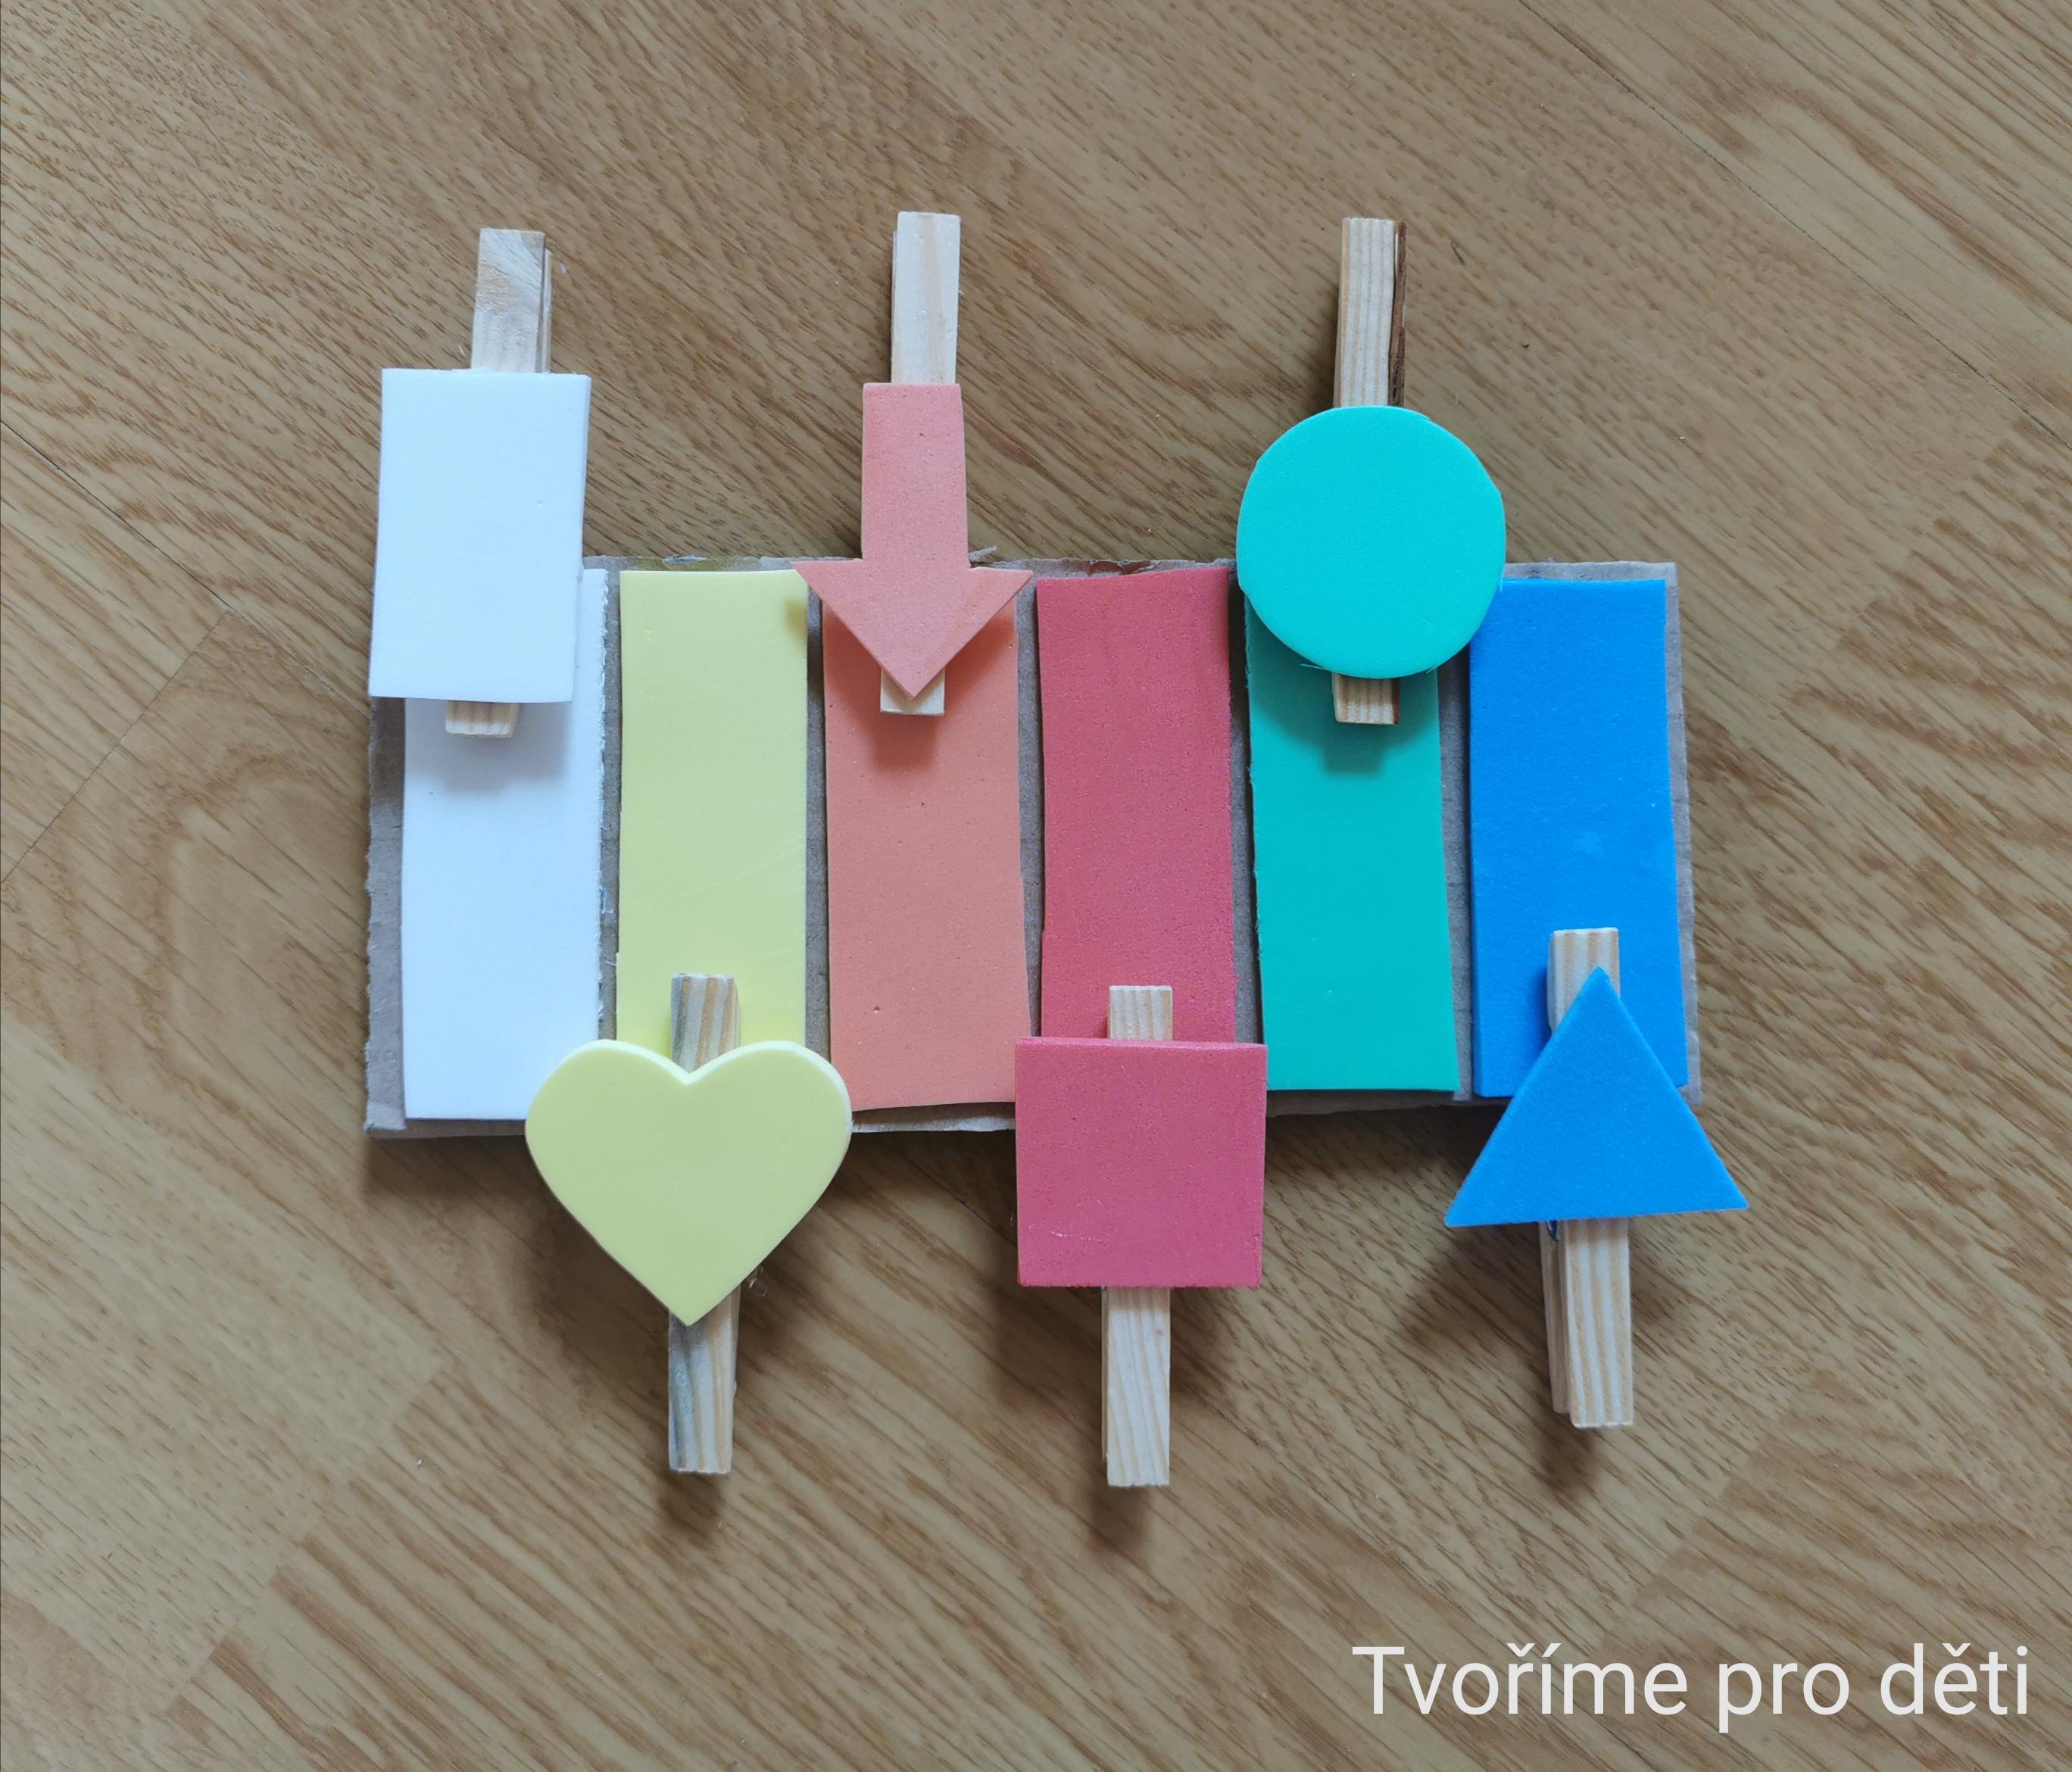 Tvoříme pro děti- přiřazování barev